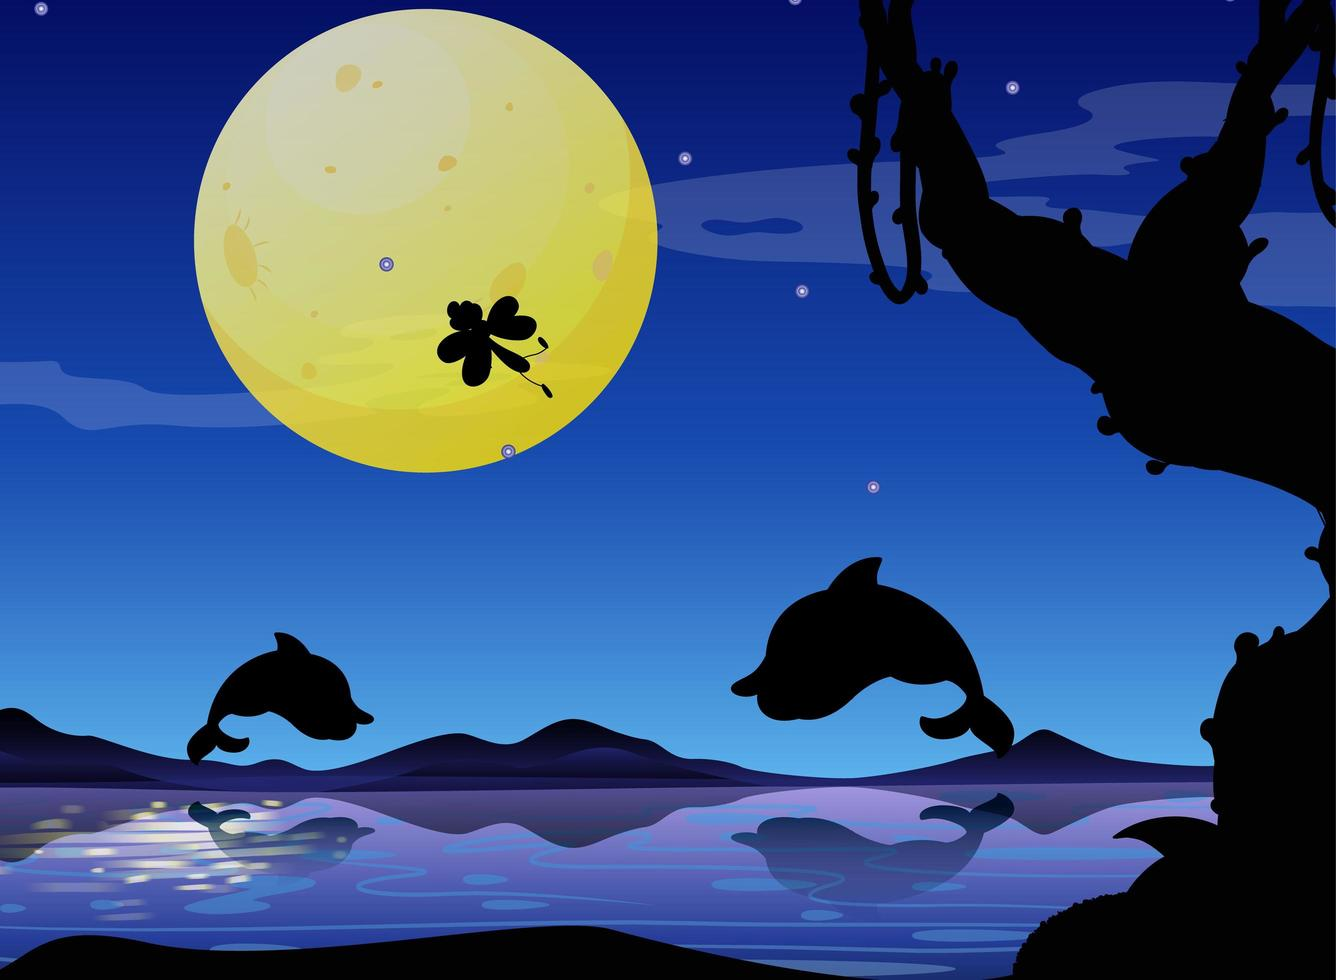 dauphin dans la nature scène silhouette vecteur